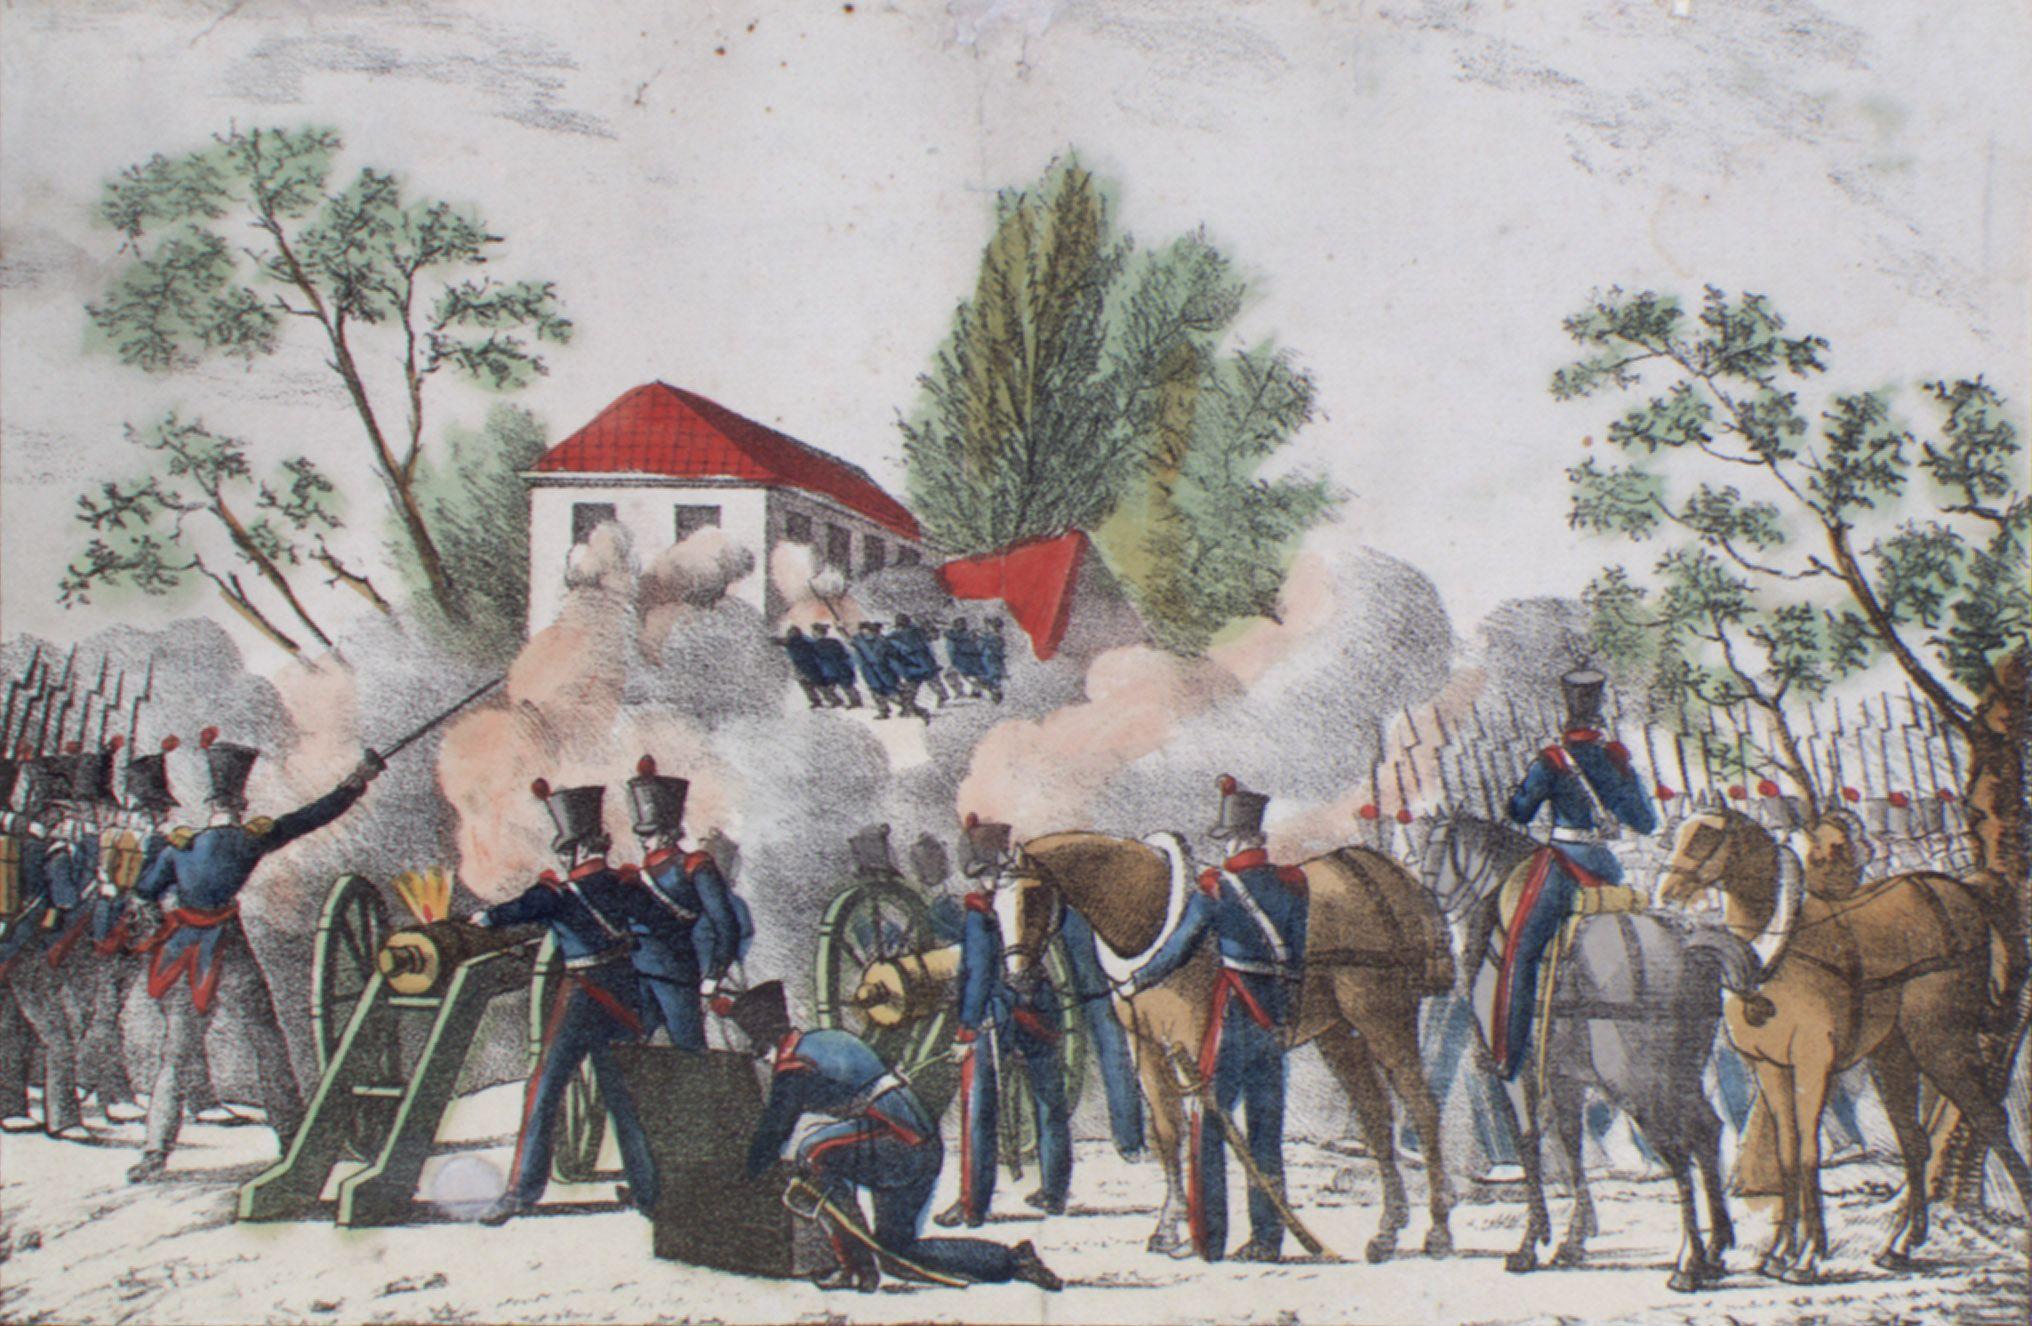 Nederlandse soldaten veroveren Kapitale Dam op de Belgische opstandelingen. Steendruk. (Zeeuws Archief, collectie KZGW, Zelandia Illustrata)